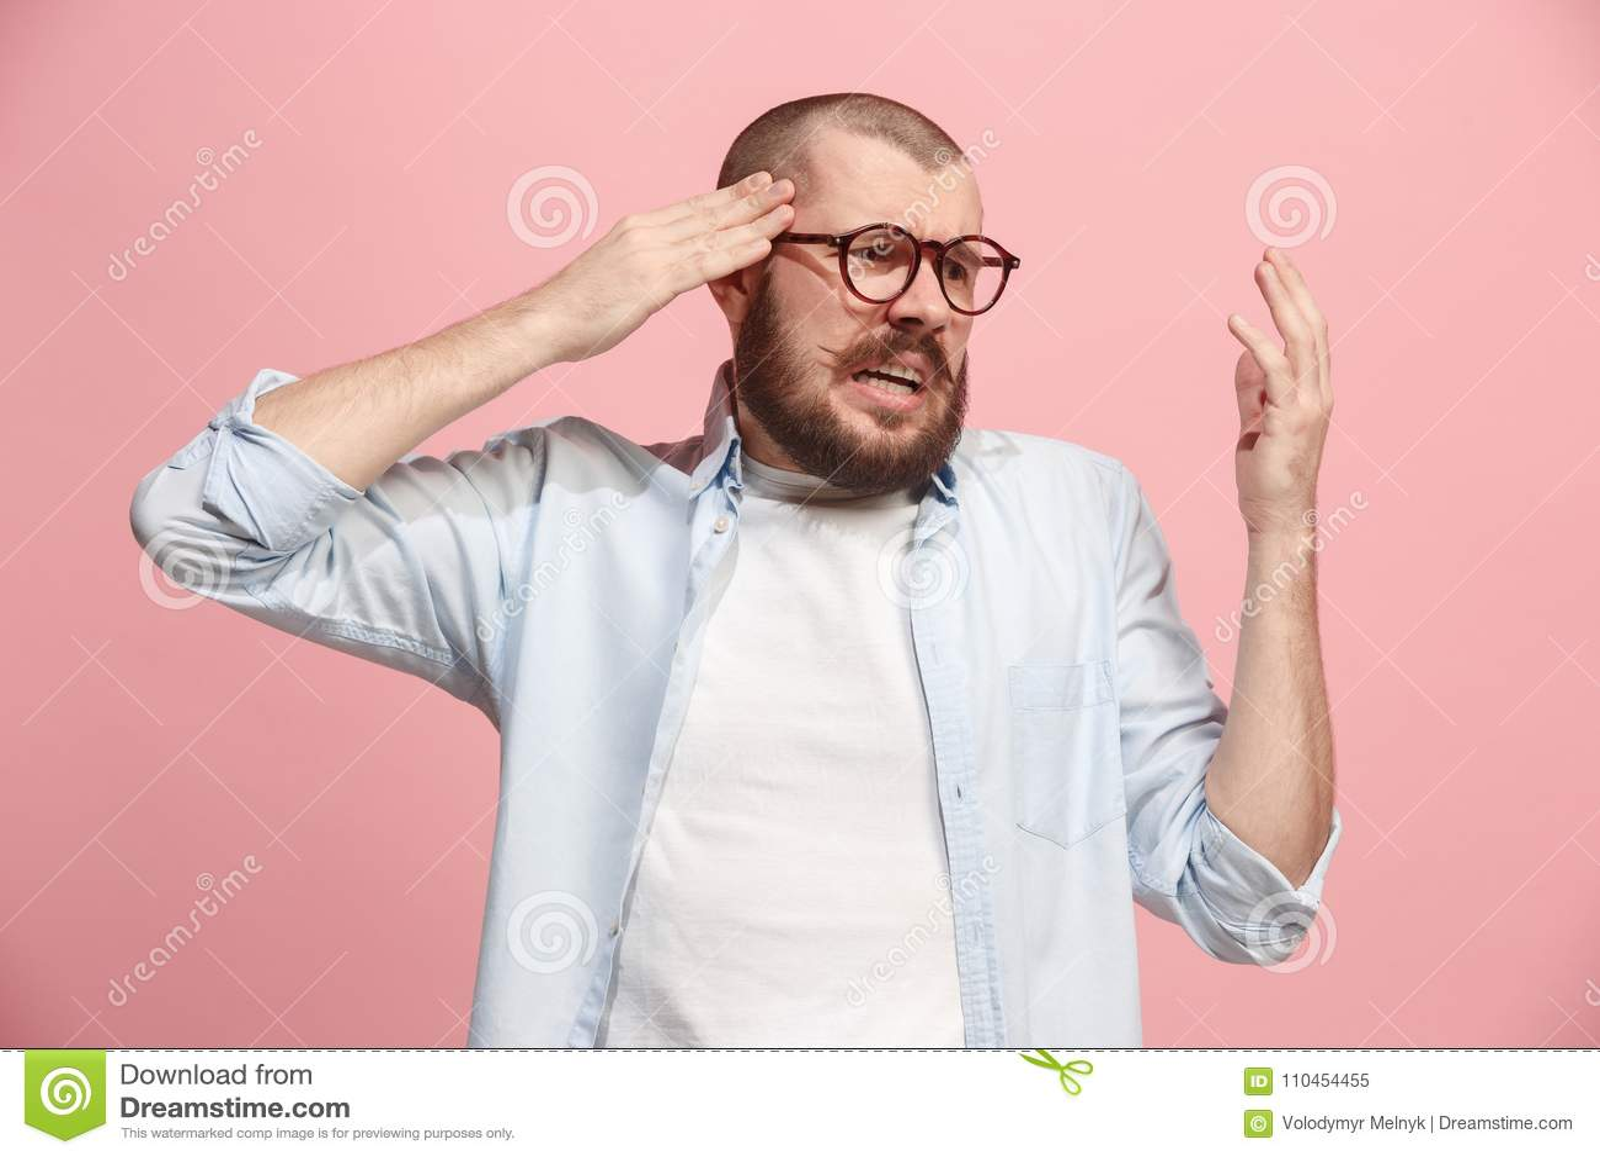 Bakgrund som har den huvudvärk isolerade mannen över white Över rosa bakgrund